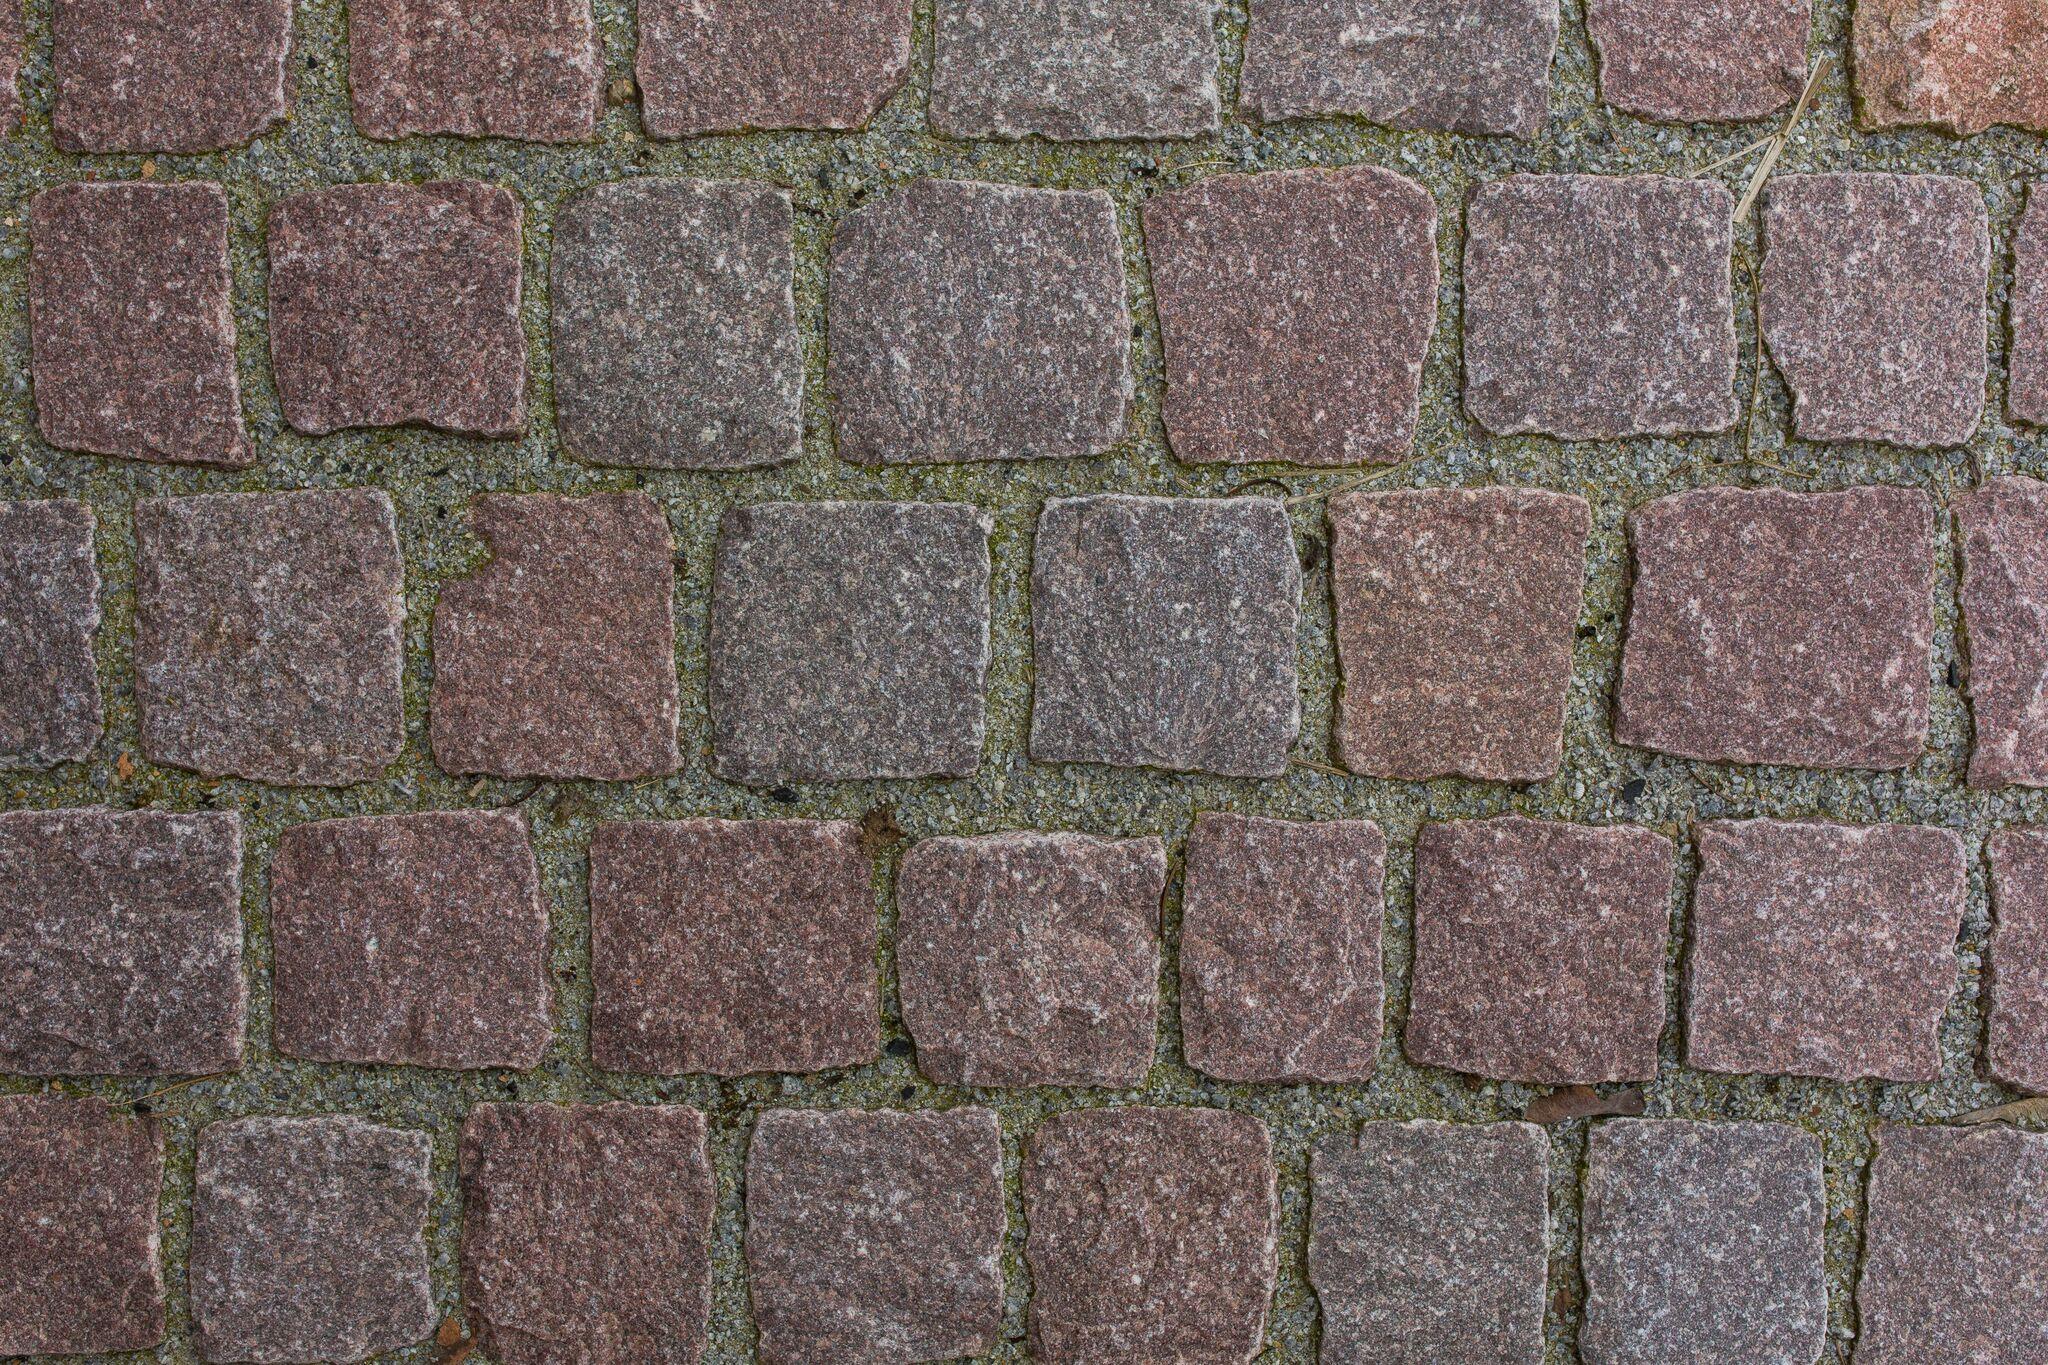 granit kleinpflaster rötlich 8-11 cm gespalten